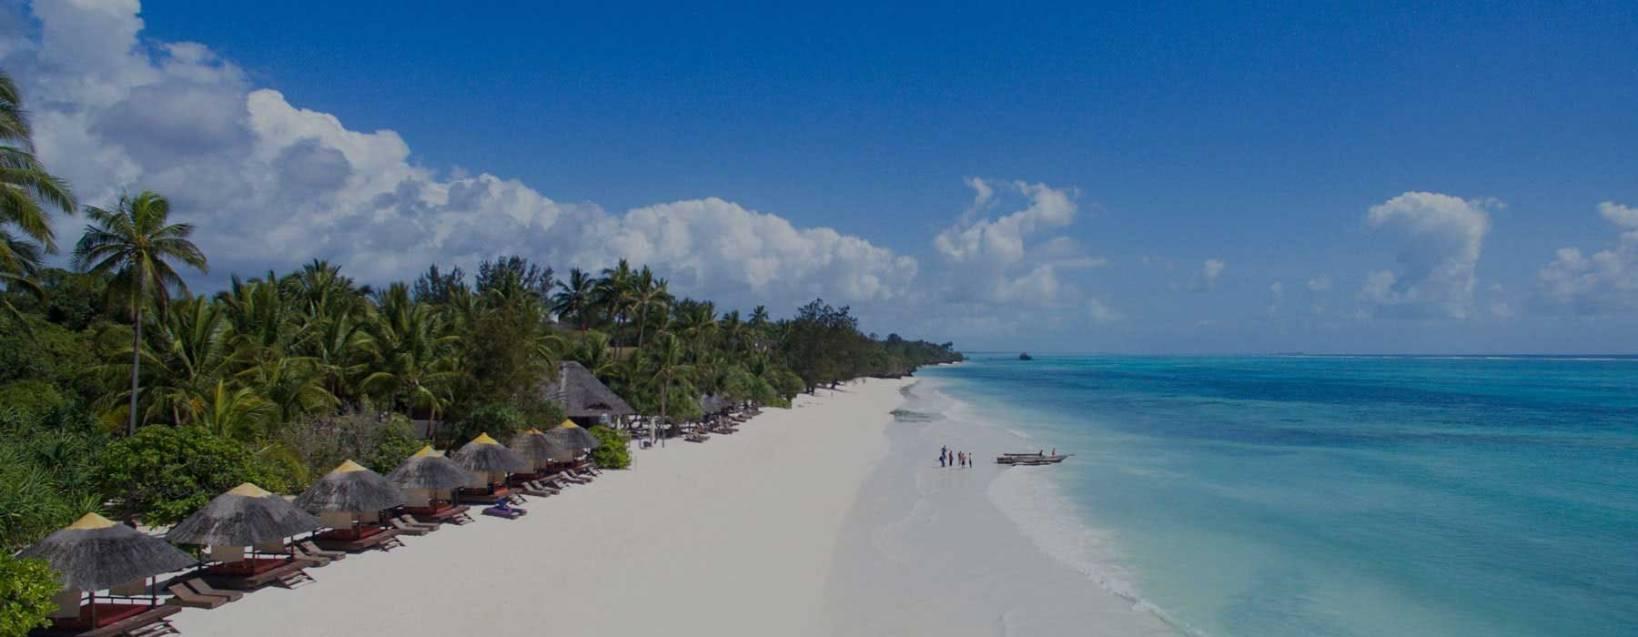 Zanzibar Island Beach Holidays